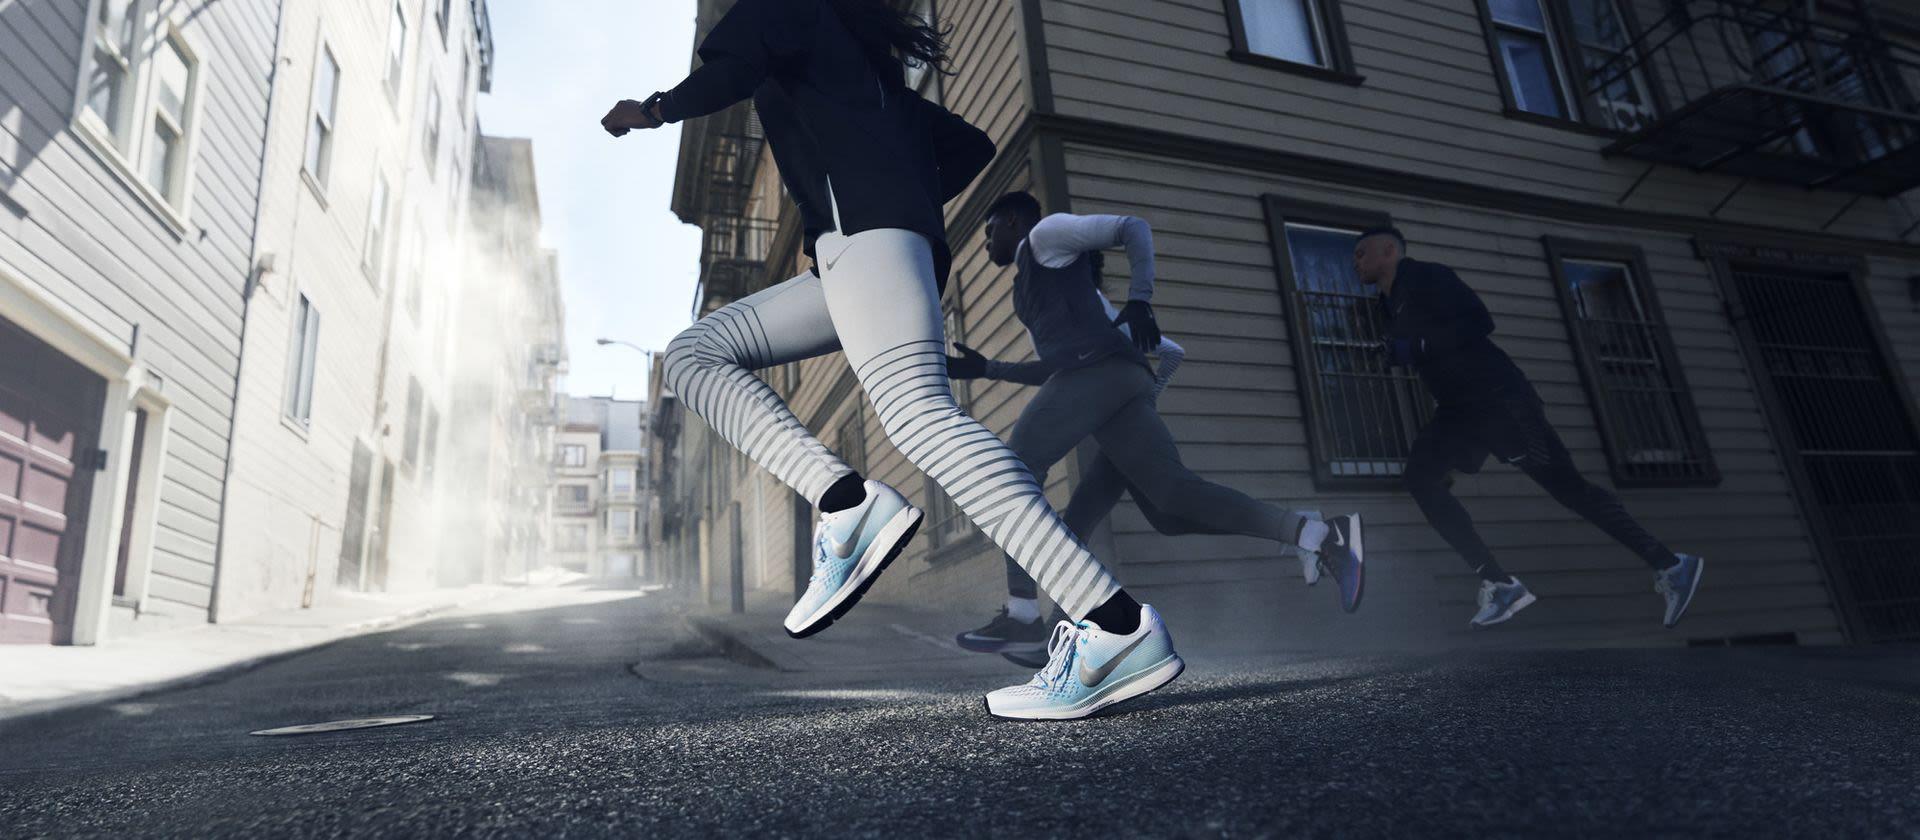 Если вы обнаружили производственный дефект или дефект материала в обуви или экипировке Nike, мы поможем решить проблему.